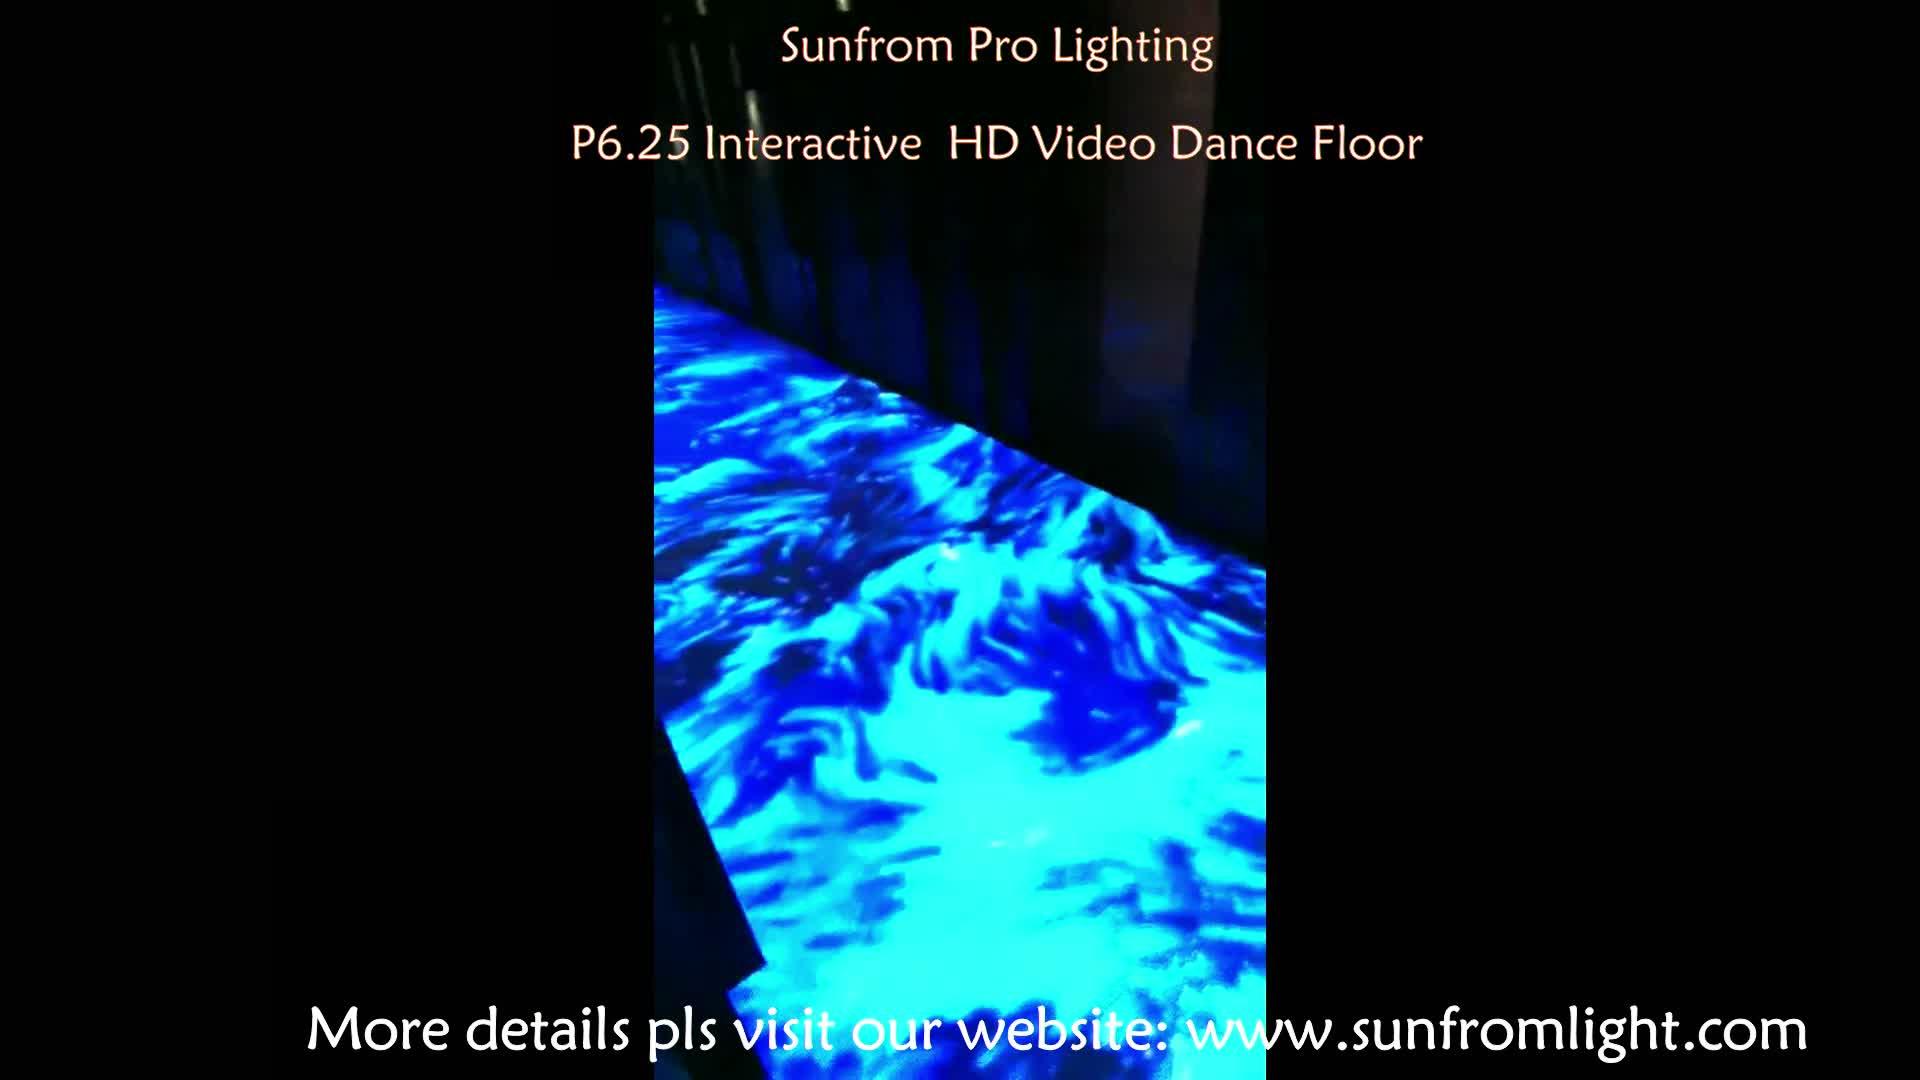 Nieuwste High-end Super HD P6.25 Video Dance Floor Tegels Draagbare Light Up Led Interactieve Vloer Voor Luxe Event of Projecten Koop